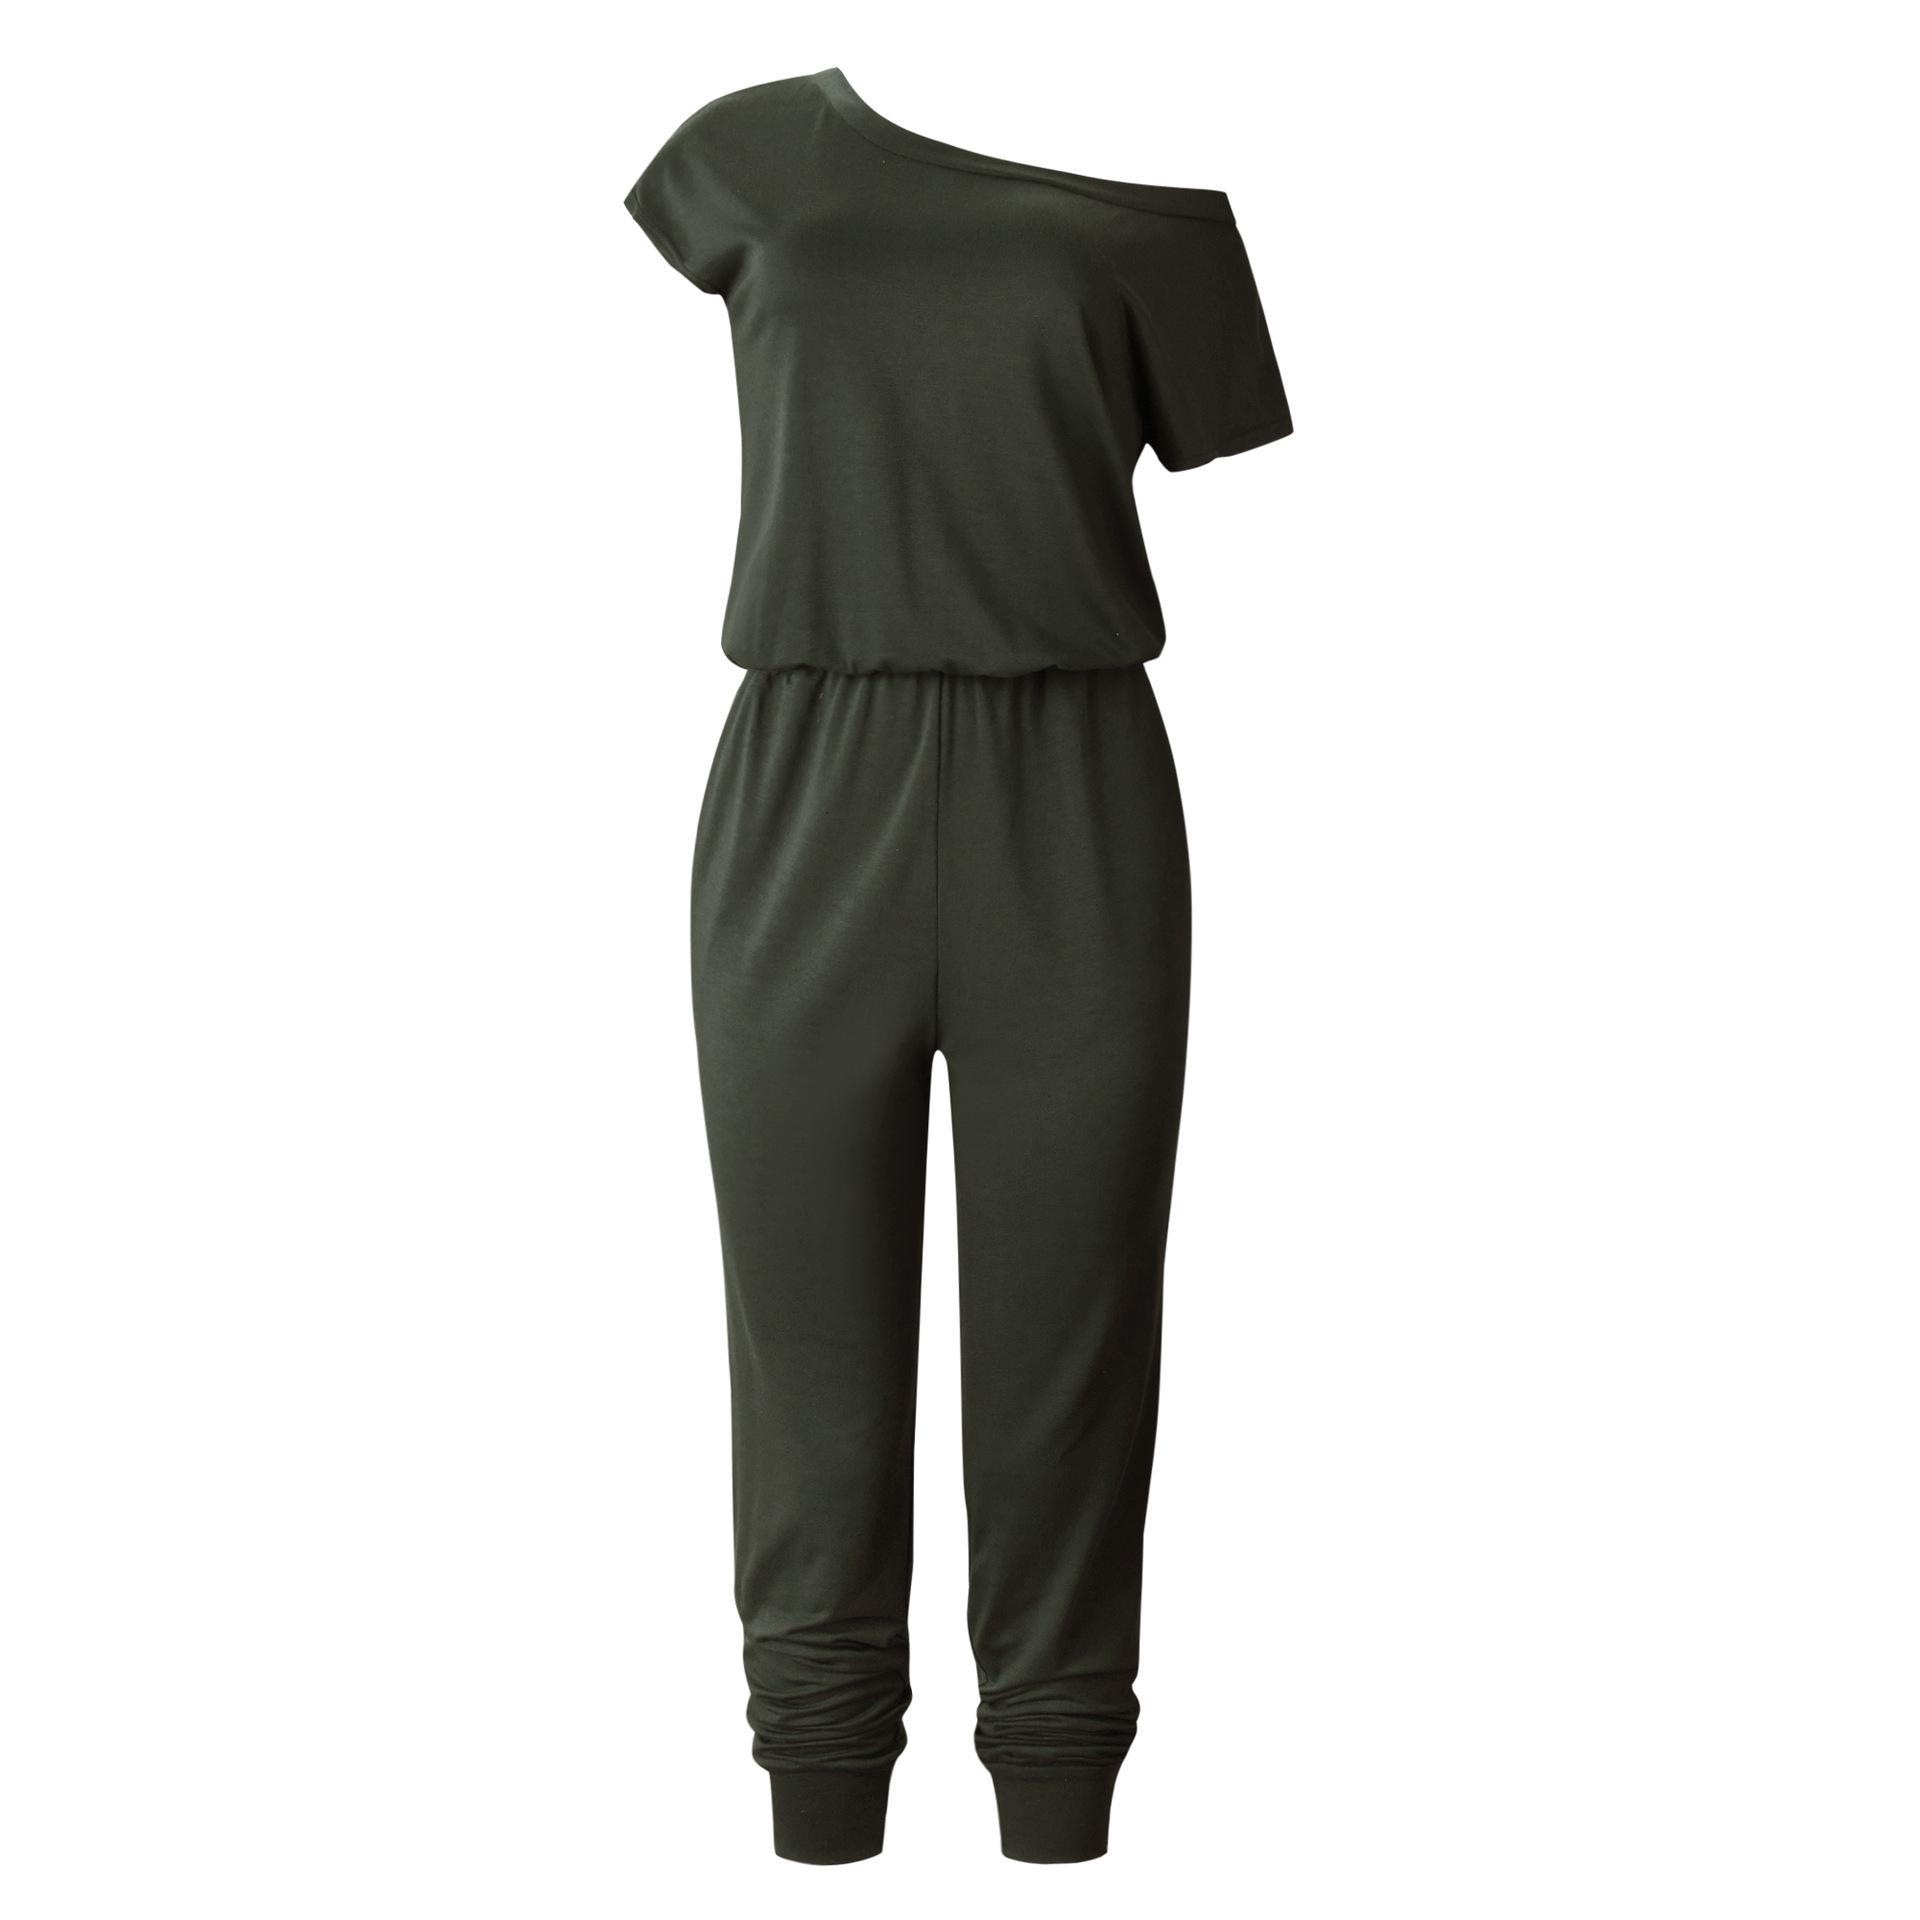 Yaz Boho Tulum Kısa Kollu Streetwear Rompers Bayan Tulum Rahat Kadınlar Için Bohemian O Boyun Tulumlar 2019 SJ1849R